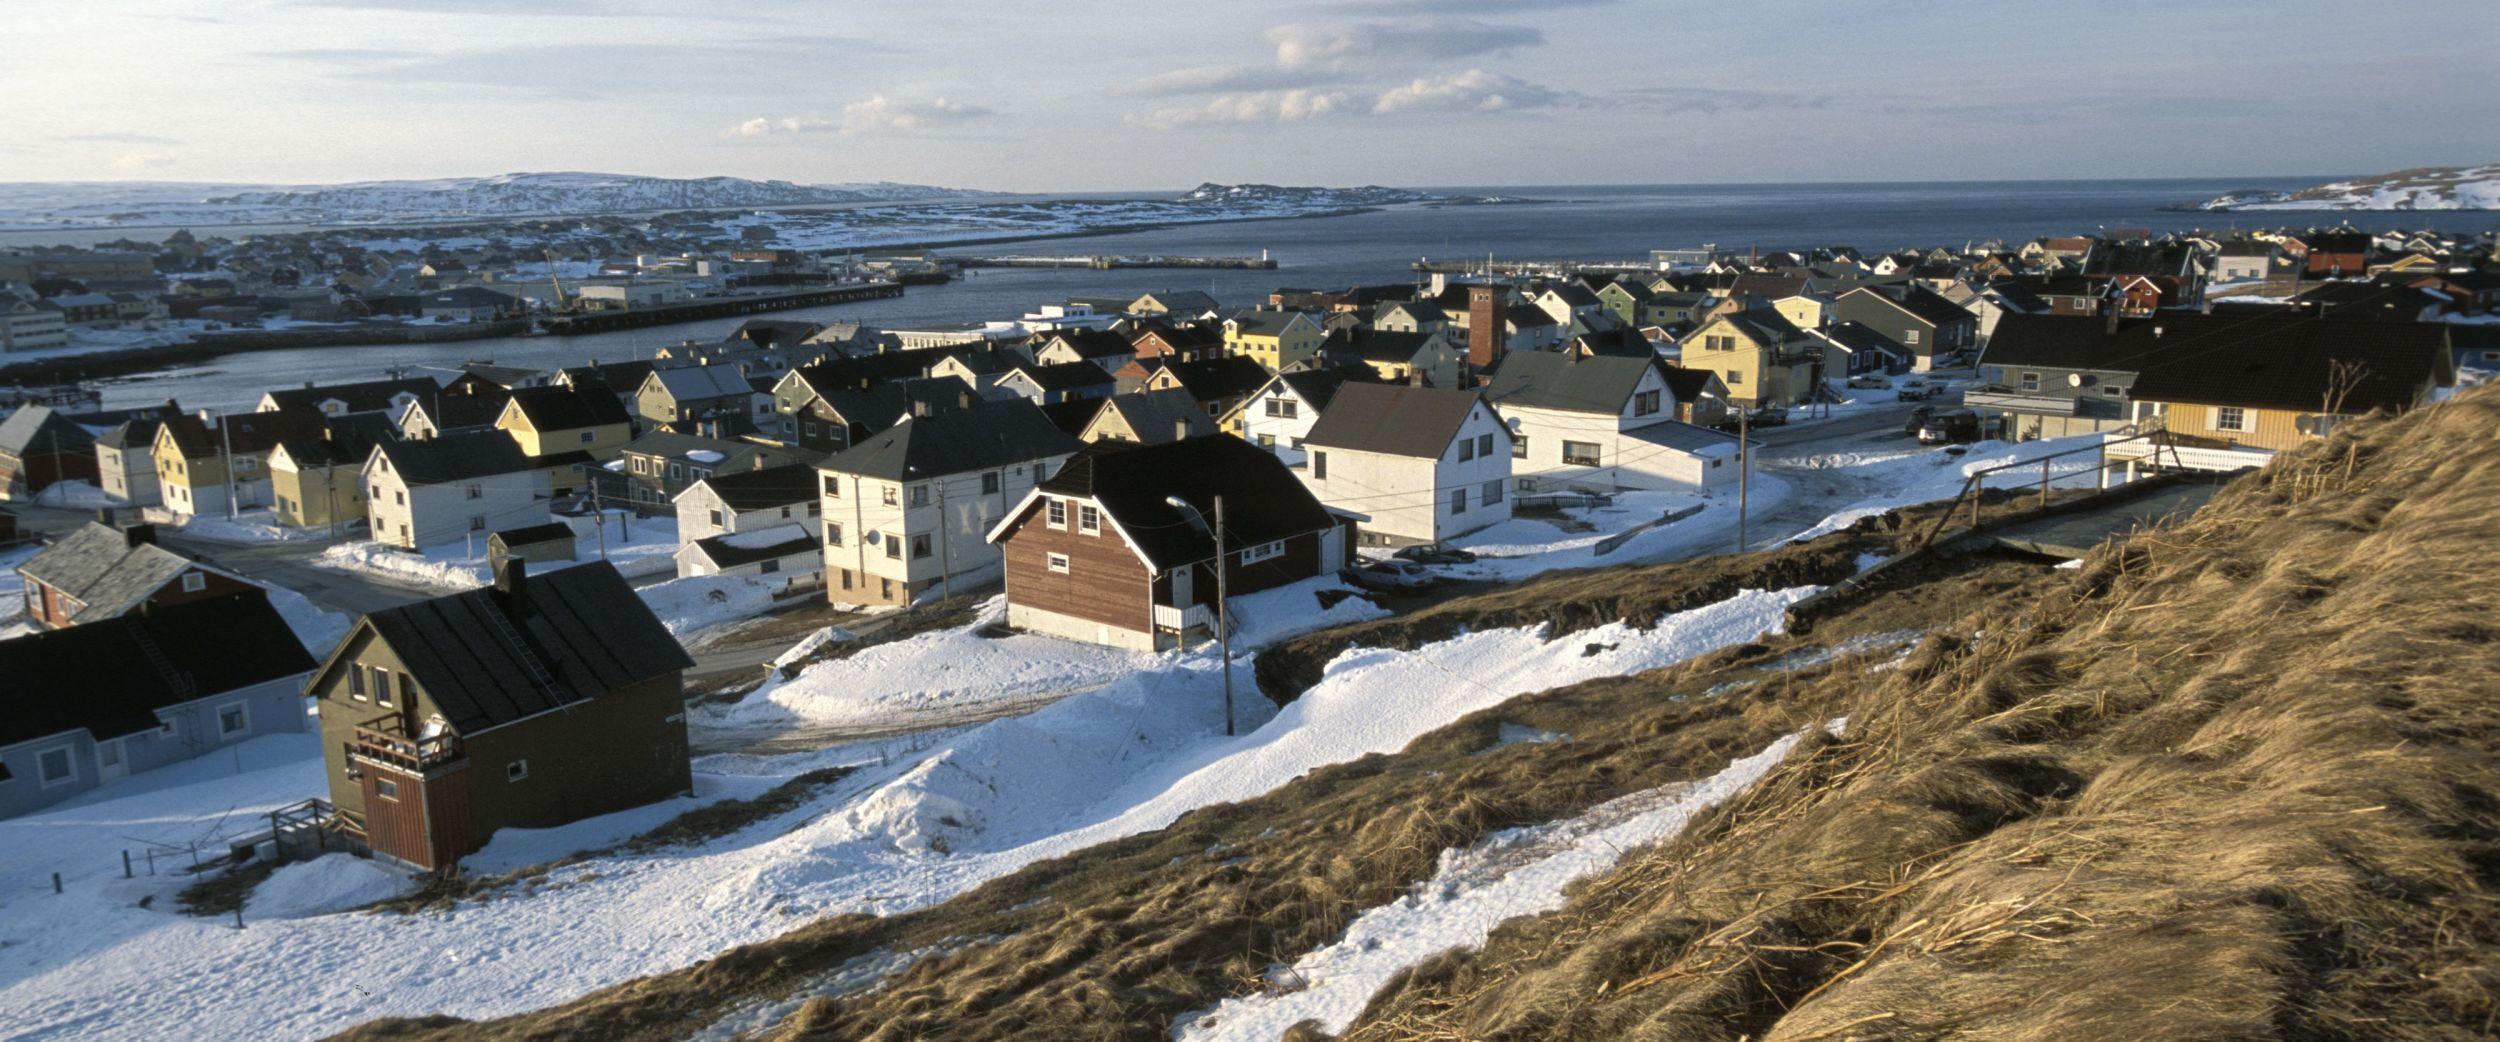 Vardø. Photo: Terje Rakke, Nordic Life, nordnorge.com